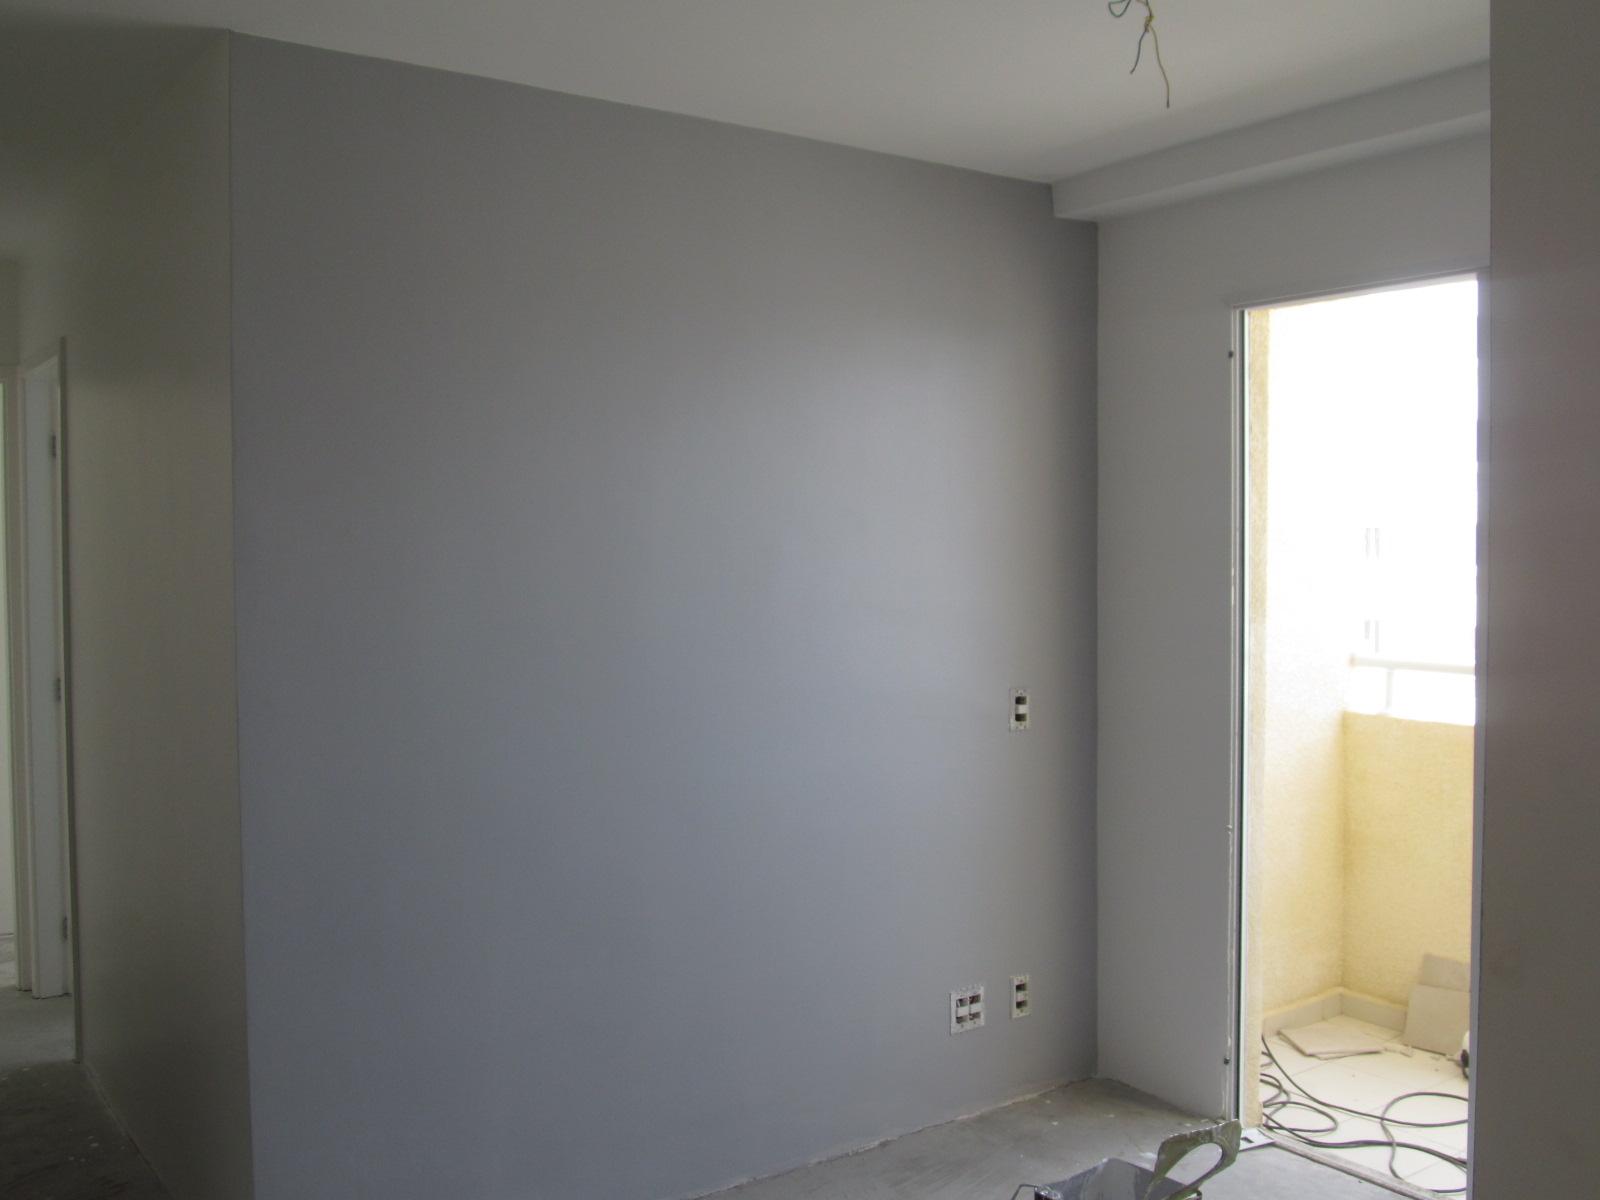 Sala Pintada Branco e Cinza personalizado a saga do  ~ Quarto Pintado De Branco E Cinza